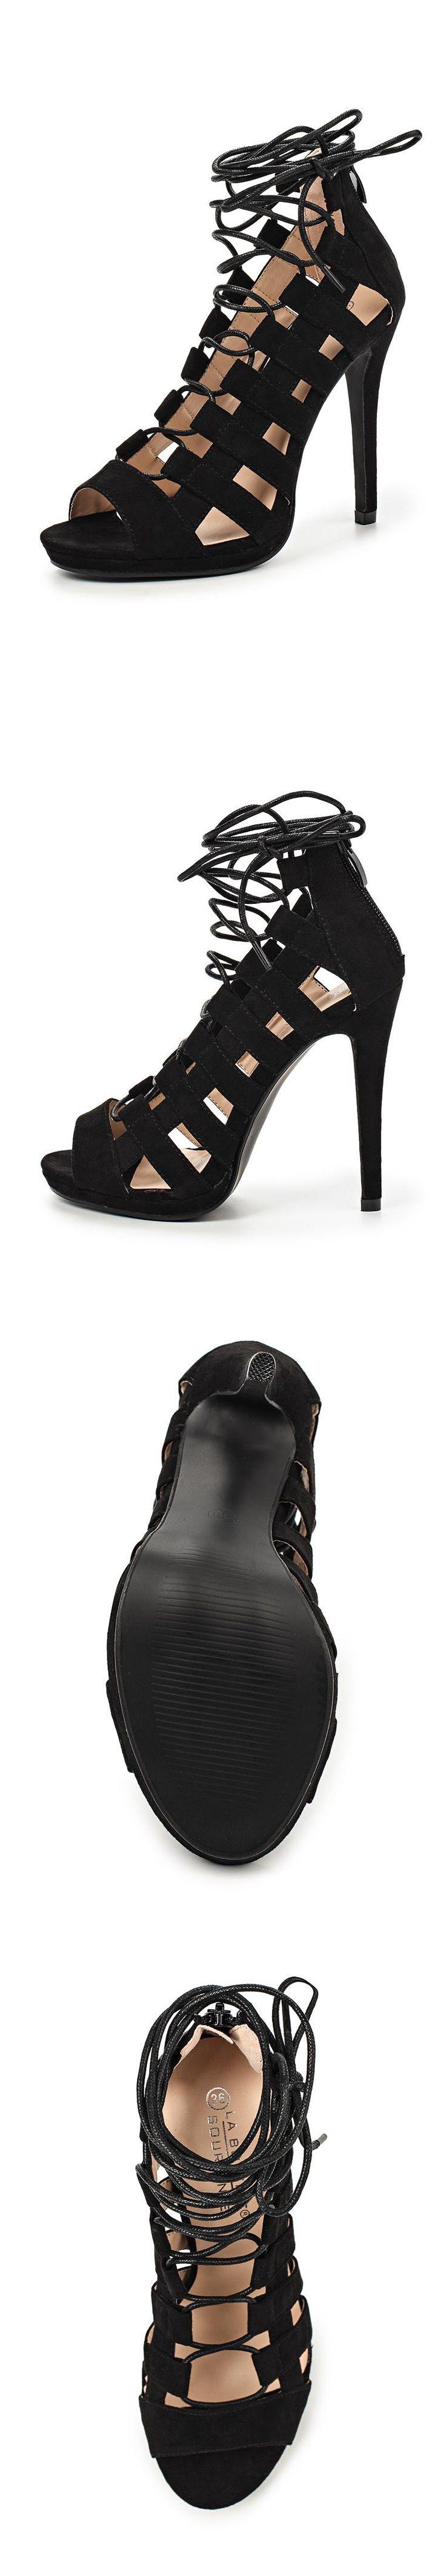 Женская обувь босоножки La Bottine Souriante за 2720.00 руб.